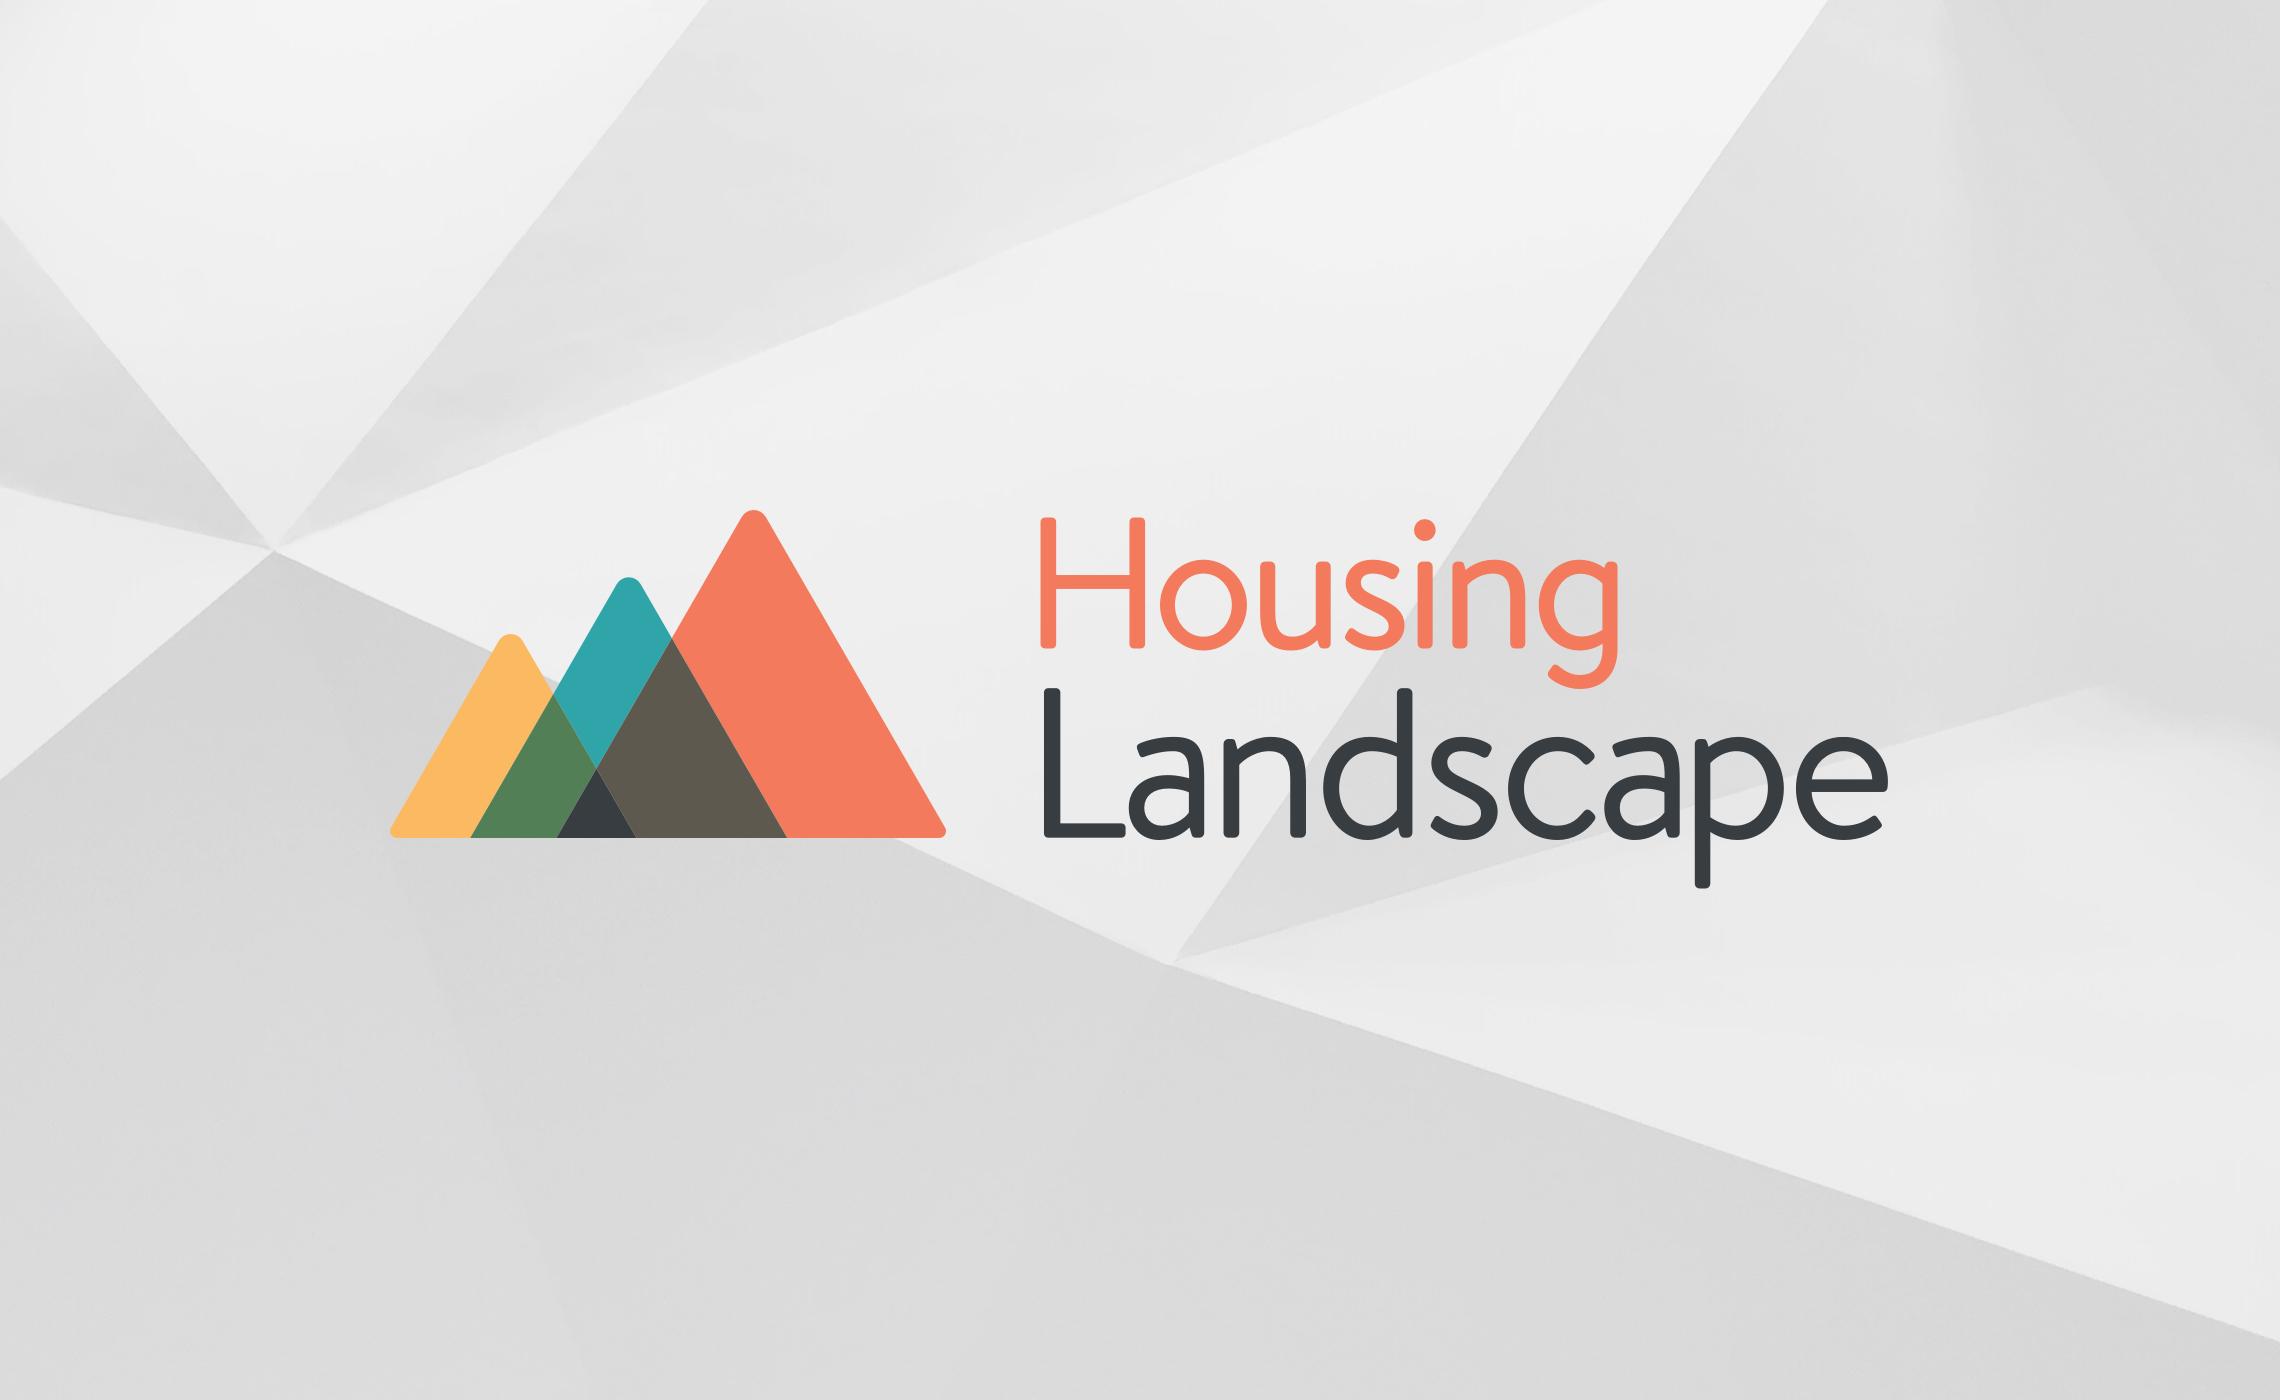 Affinity Works – Housing Landscape identity